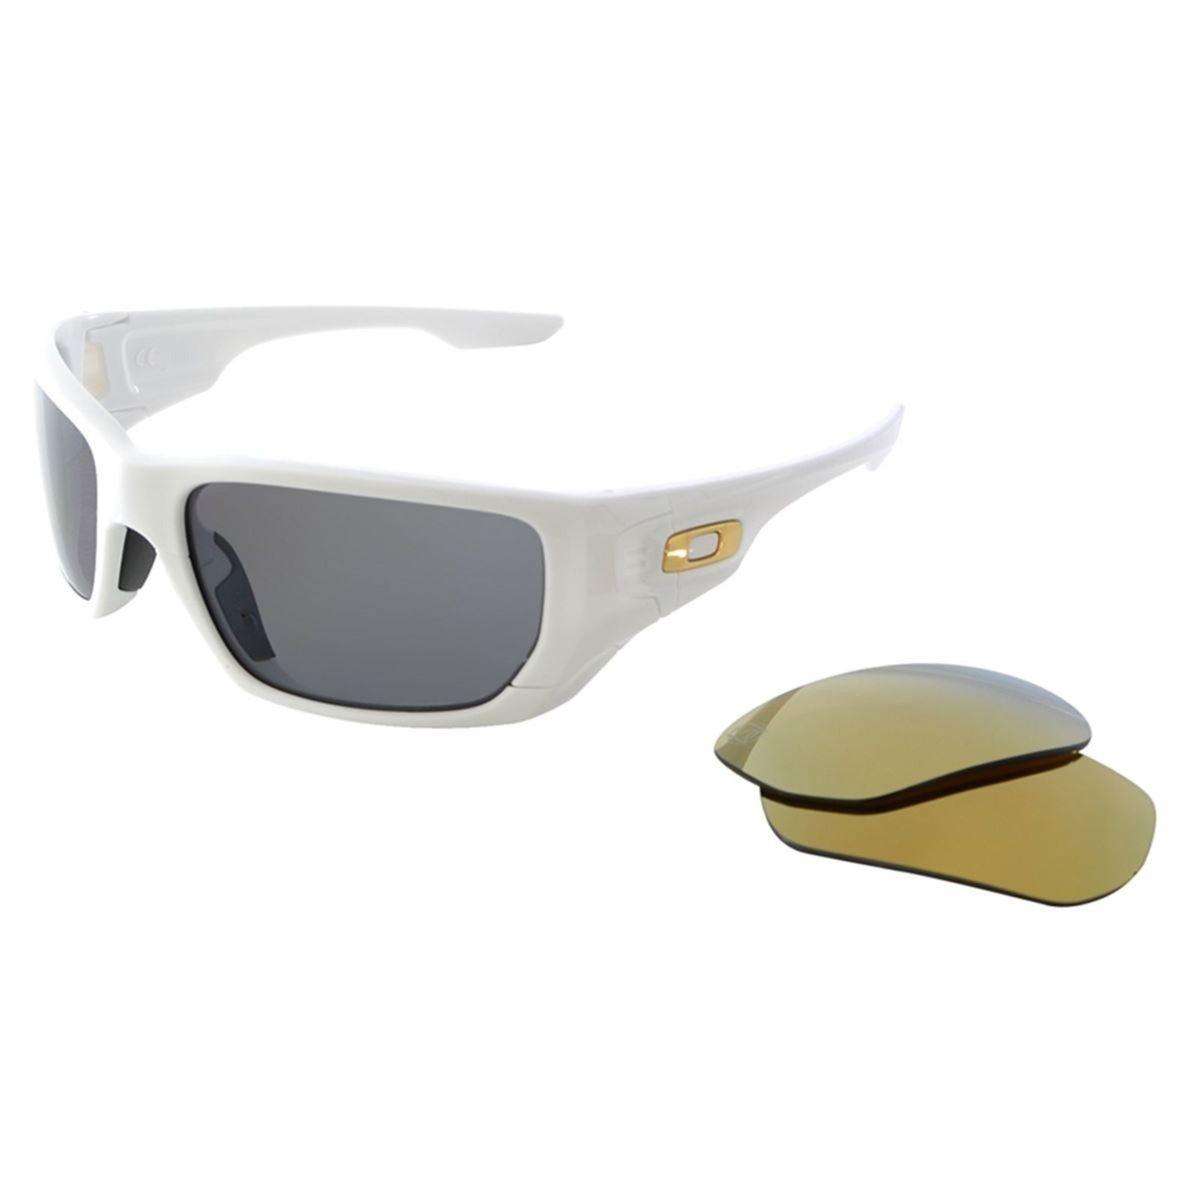 ff91ffa0198de Óculos de Sol Oakley Style Switch ™ Iridium Polarizado Oo9194 ...